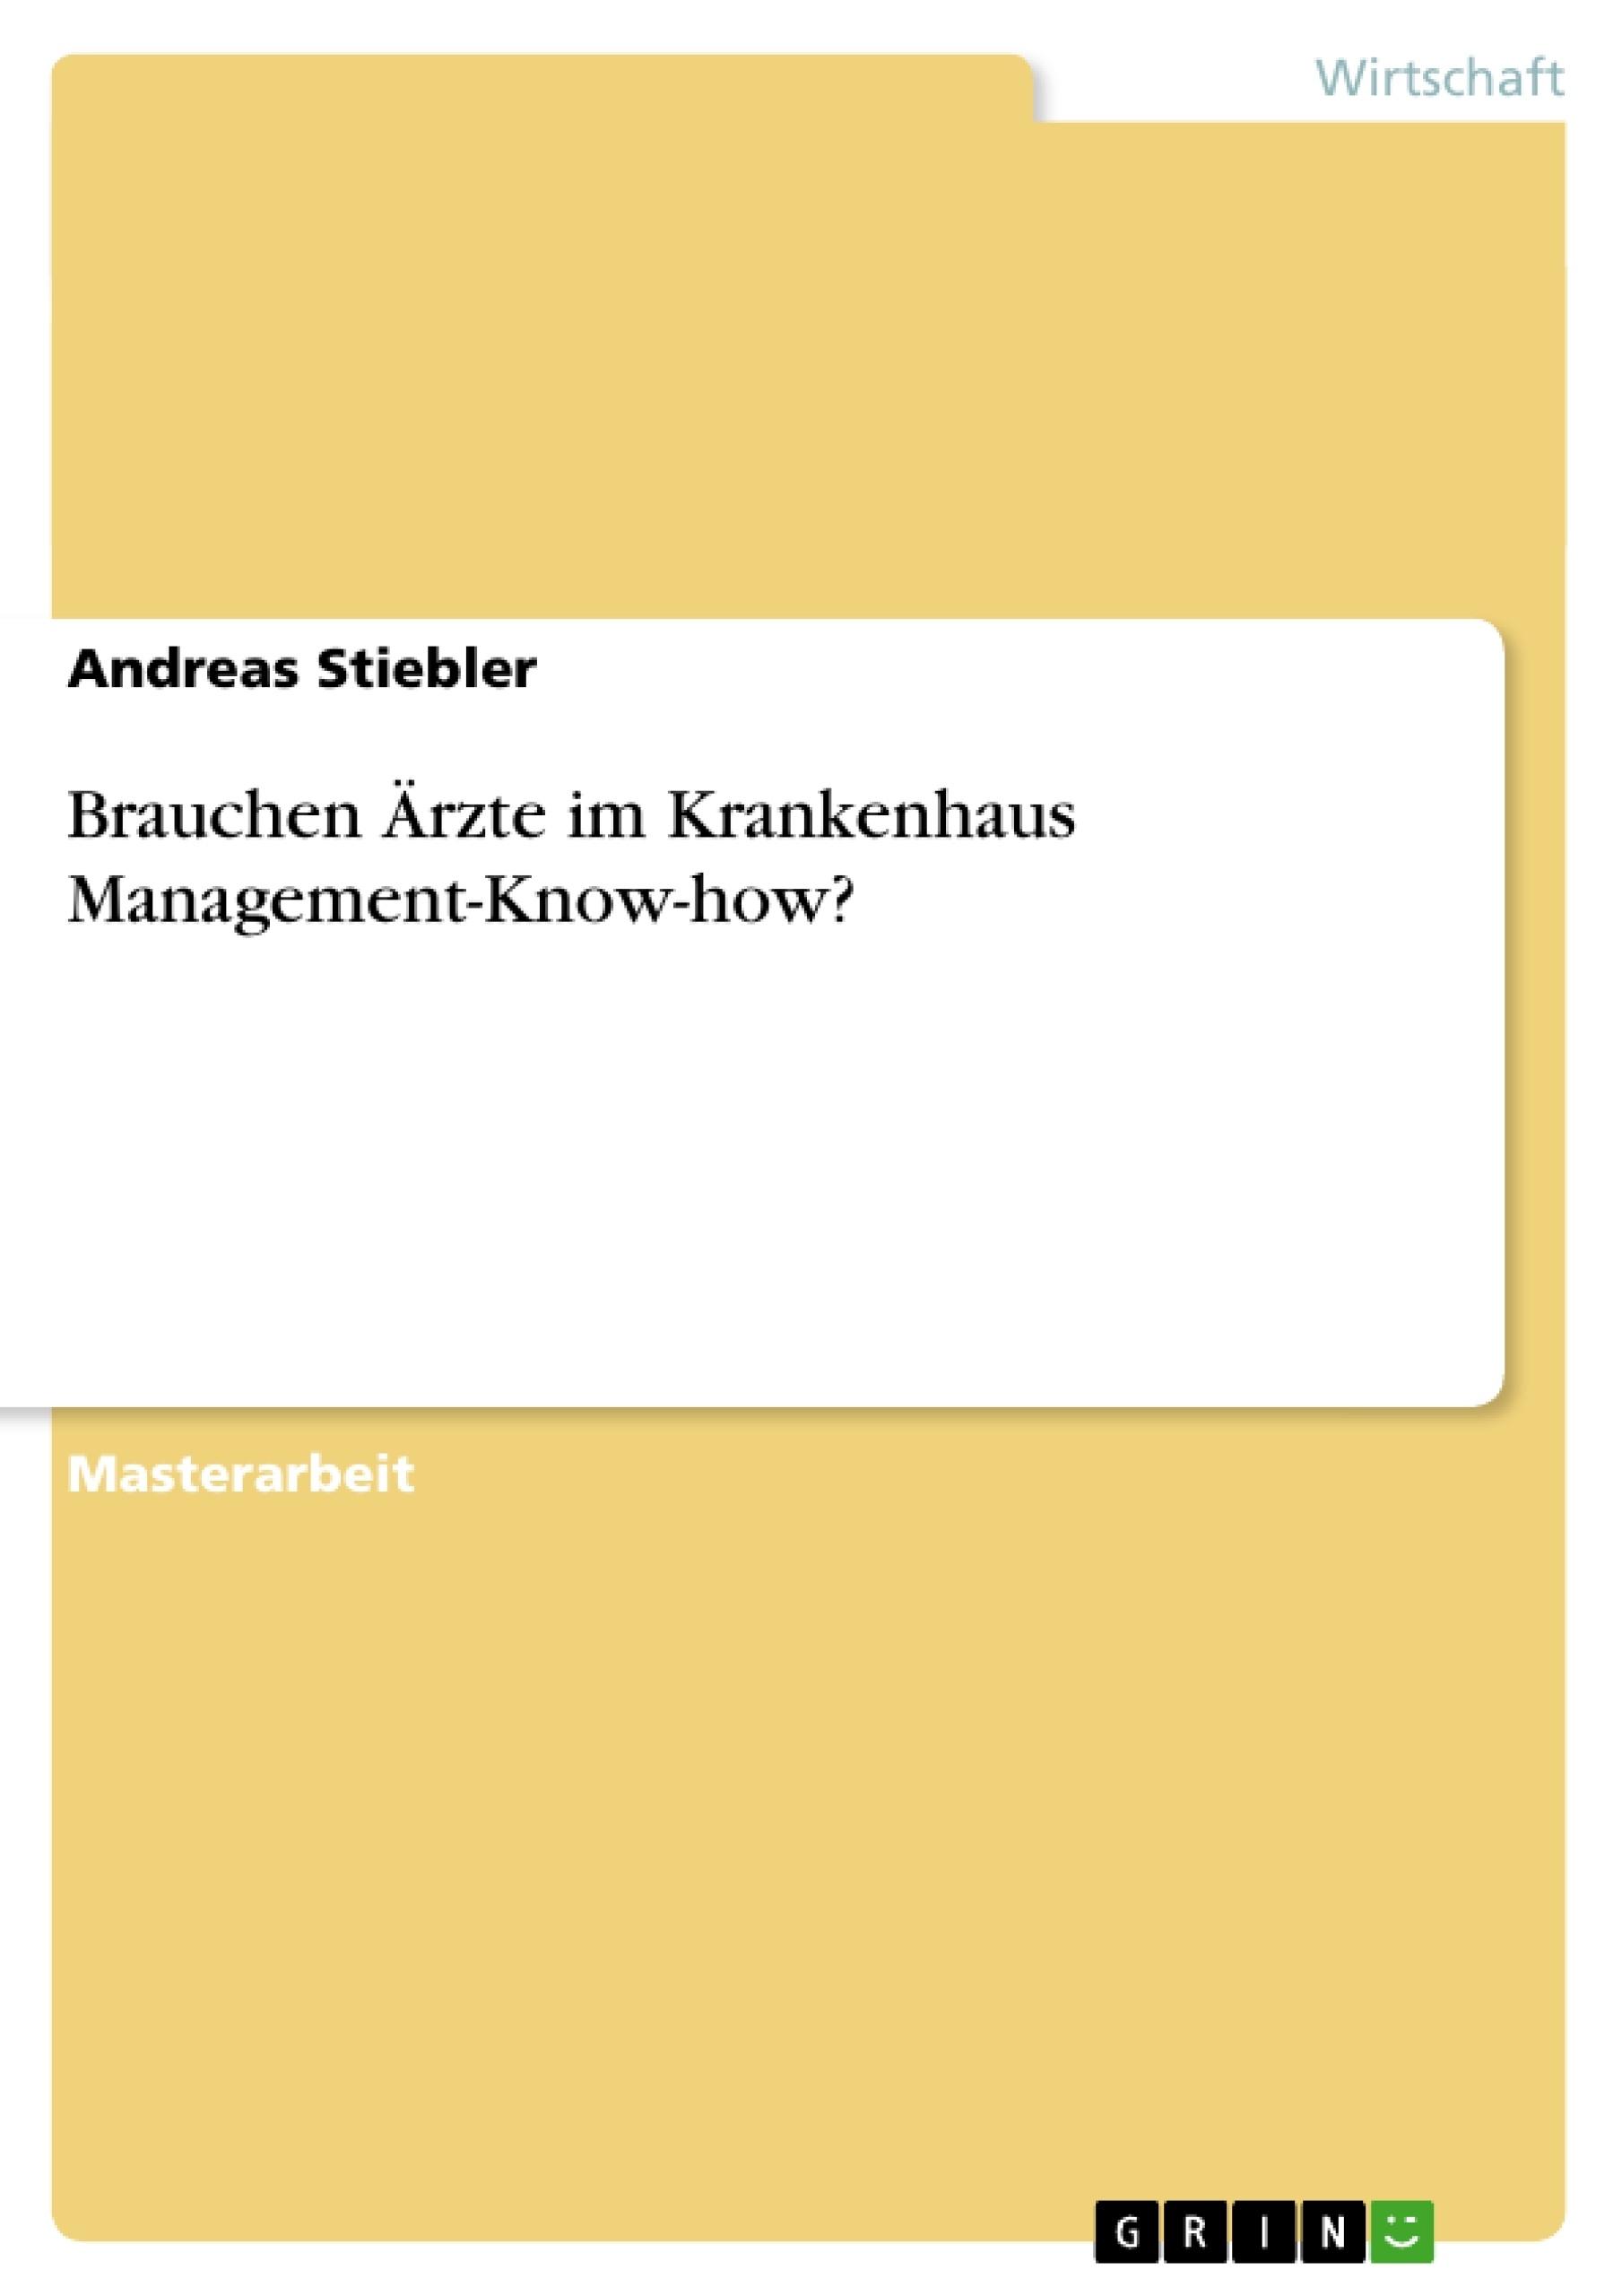 Titel: Brauchen Ärzte im Krankenhaus Management-Know-how?